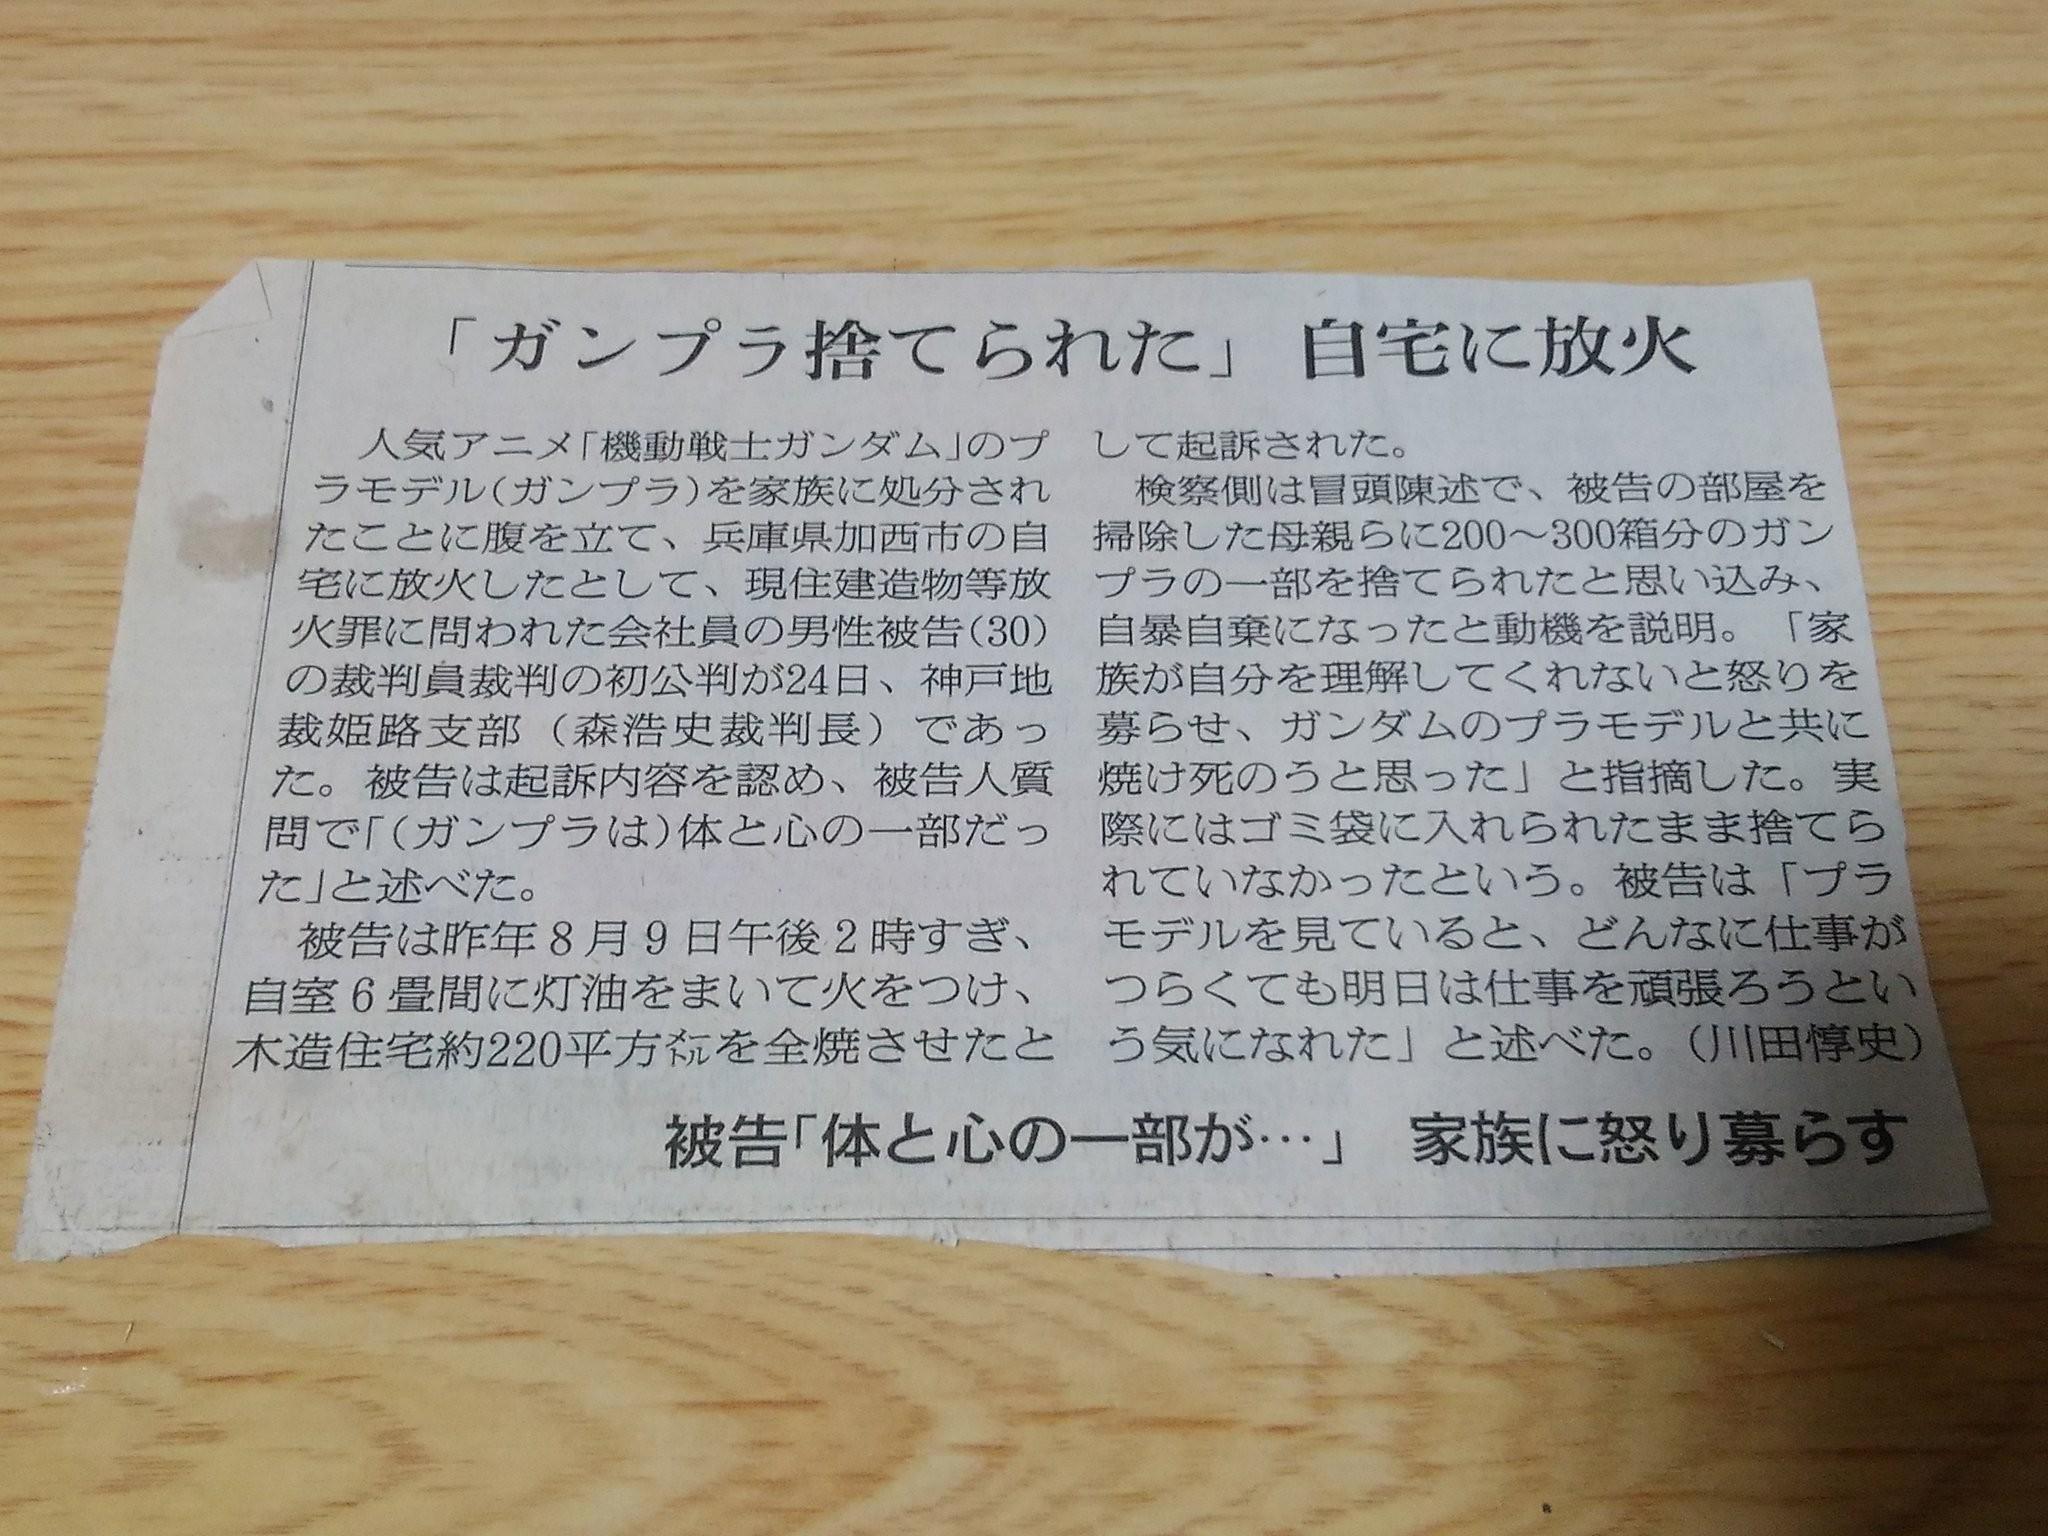 大檸檬用圖(圖/翻攝自Twitter:sekimentaiko)